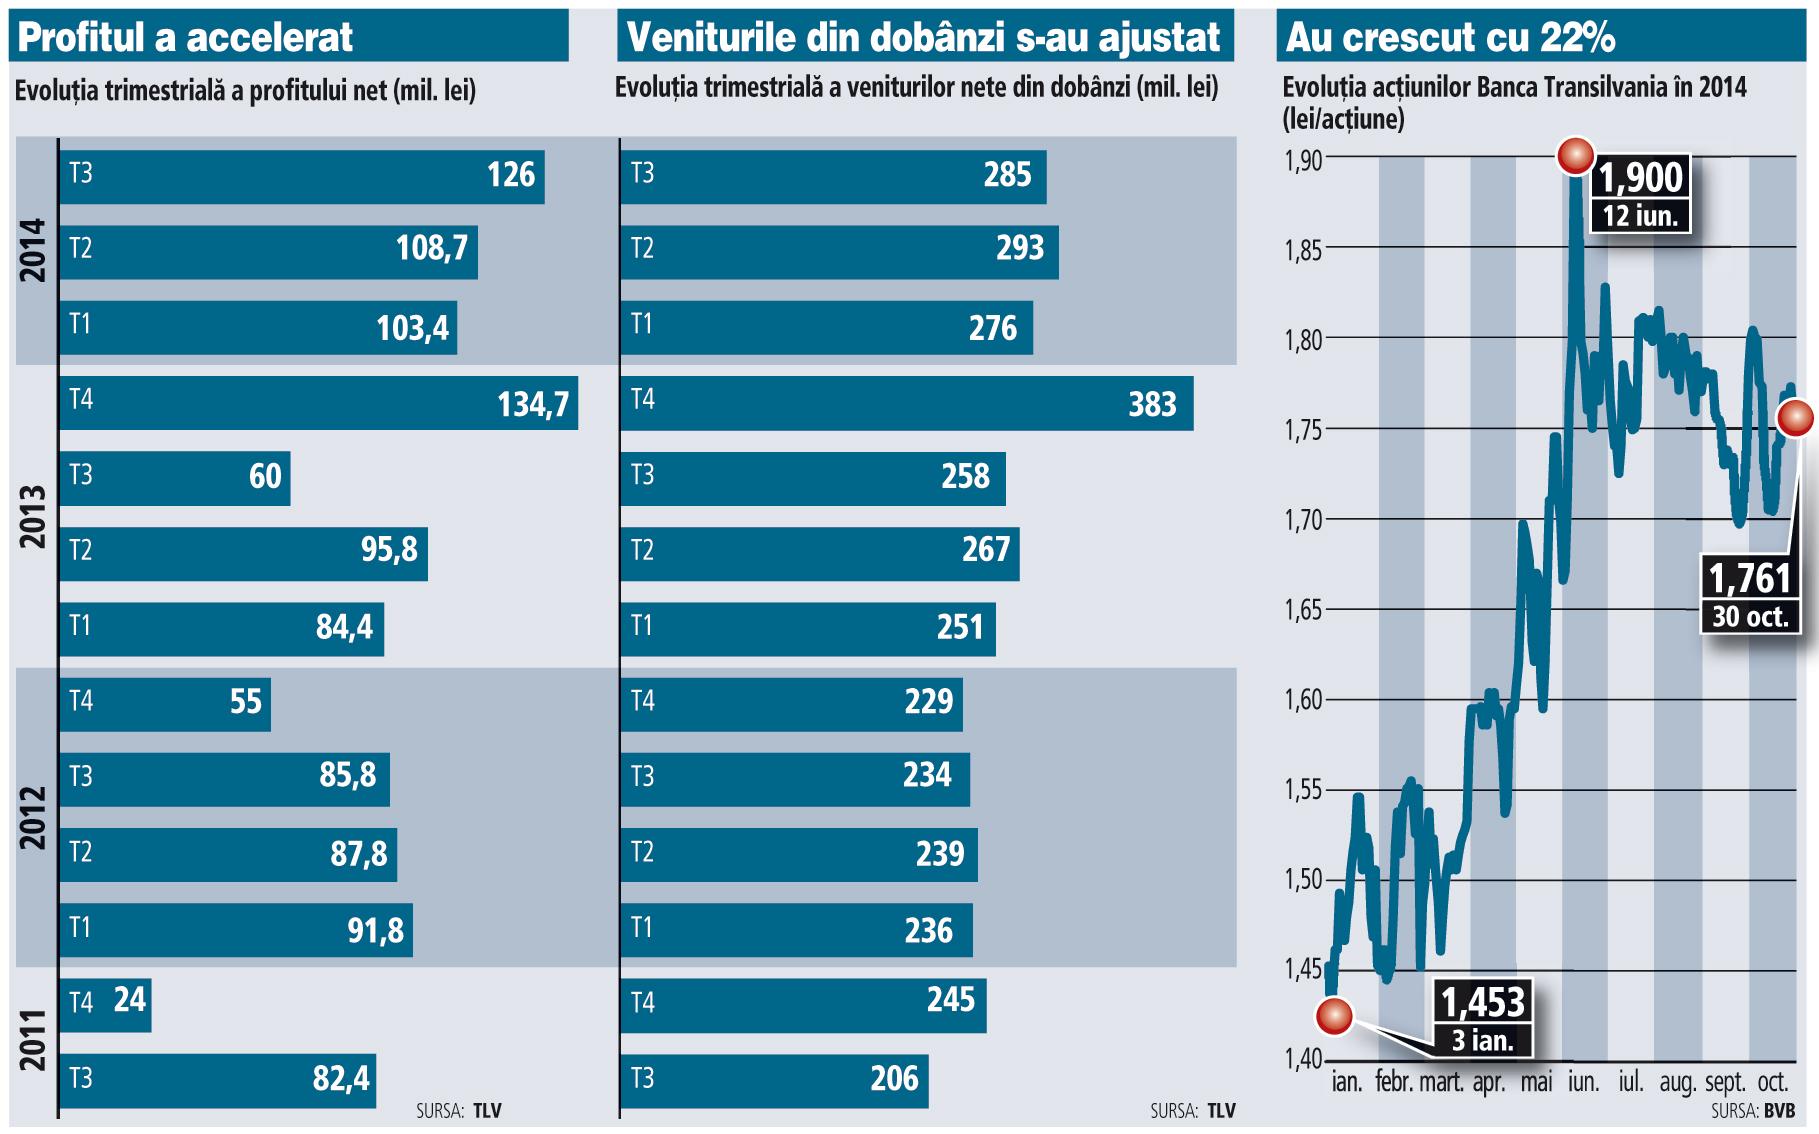 Evoluţia afacerilor Băncii Transilvania (2011-2014)